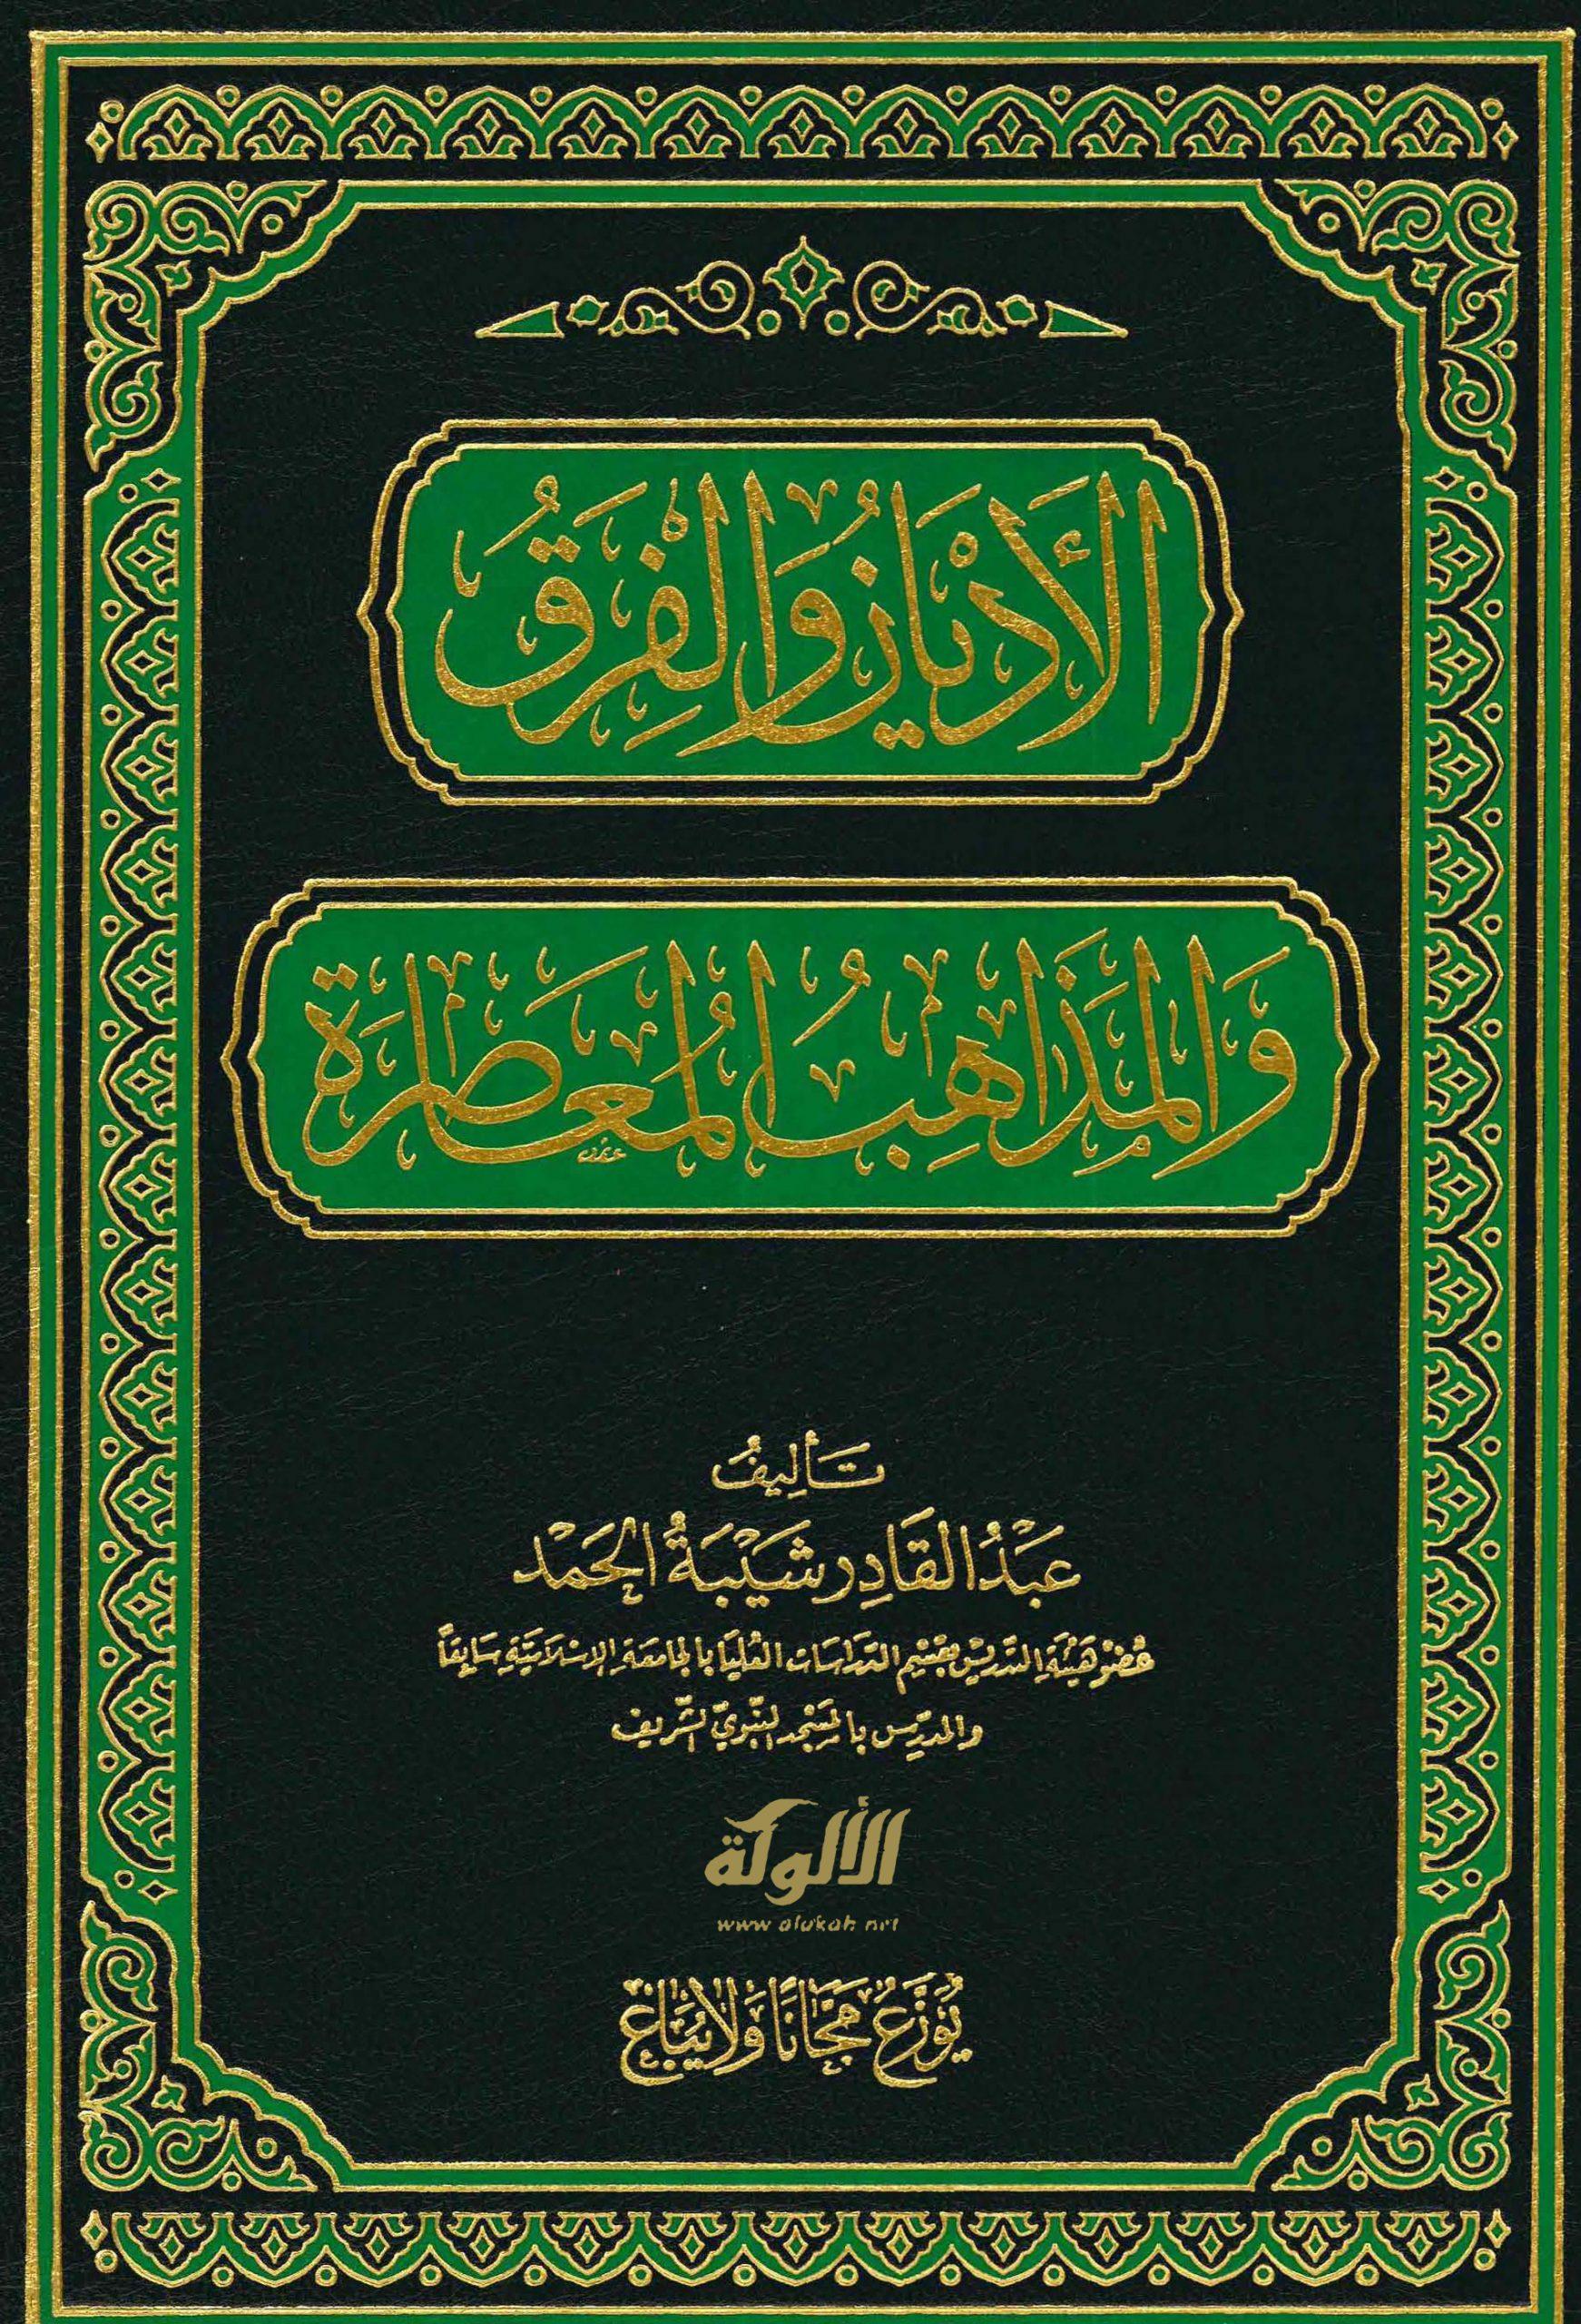 تحميل كتاب الأديان والفرق والمذاهب المعاصرة pdf عبد القادر شيبة الحمد